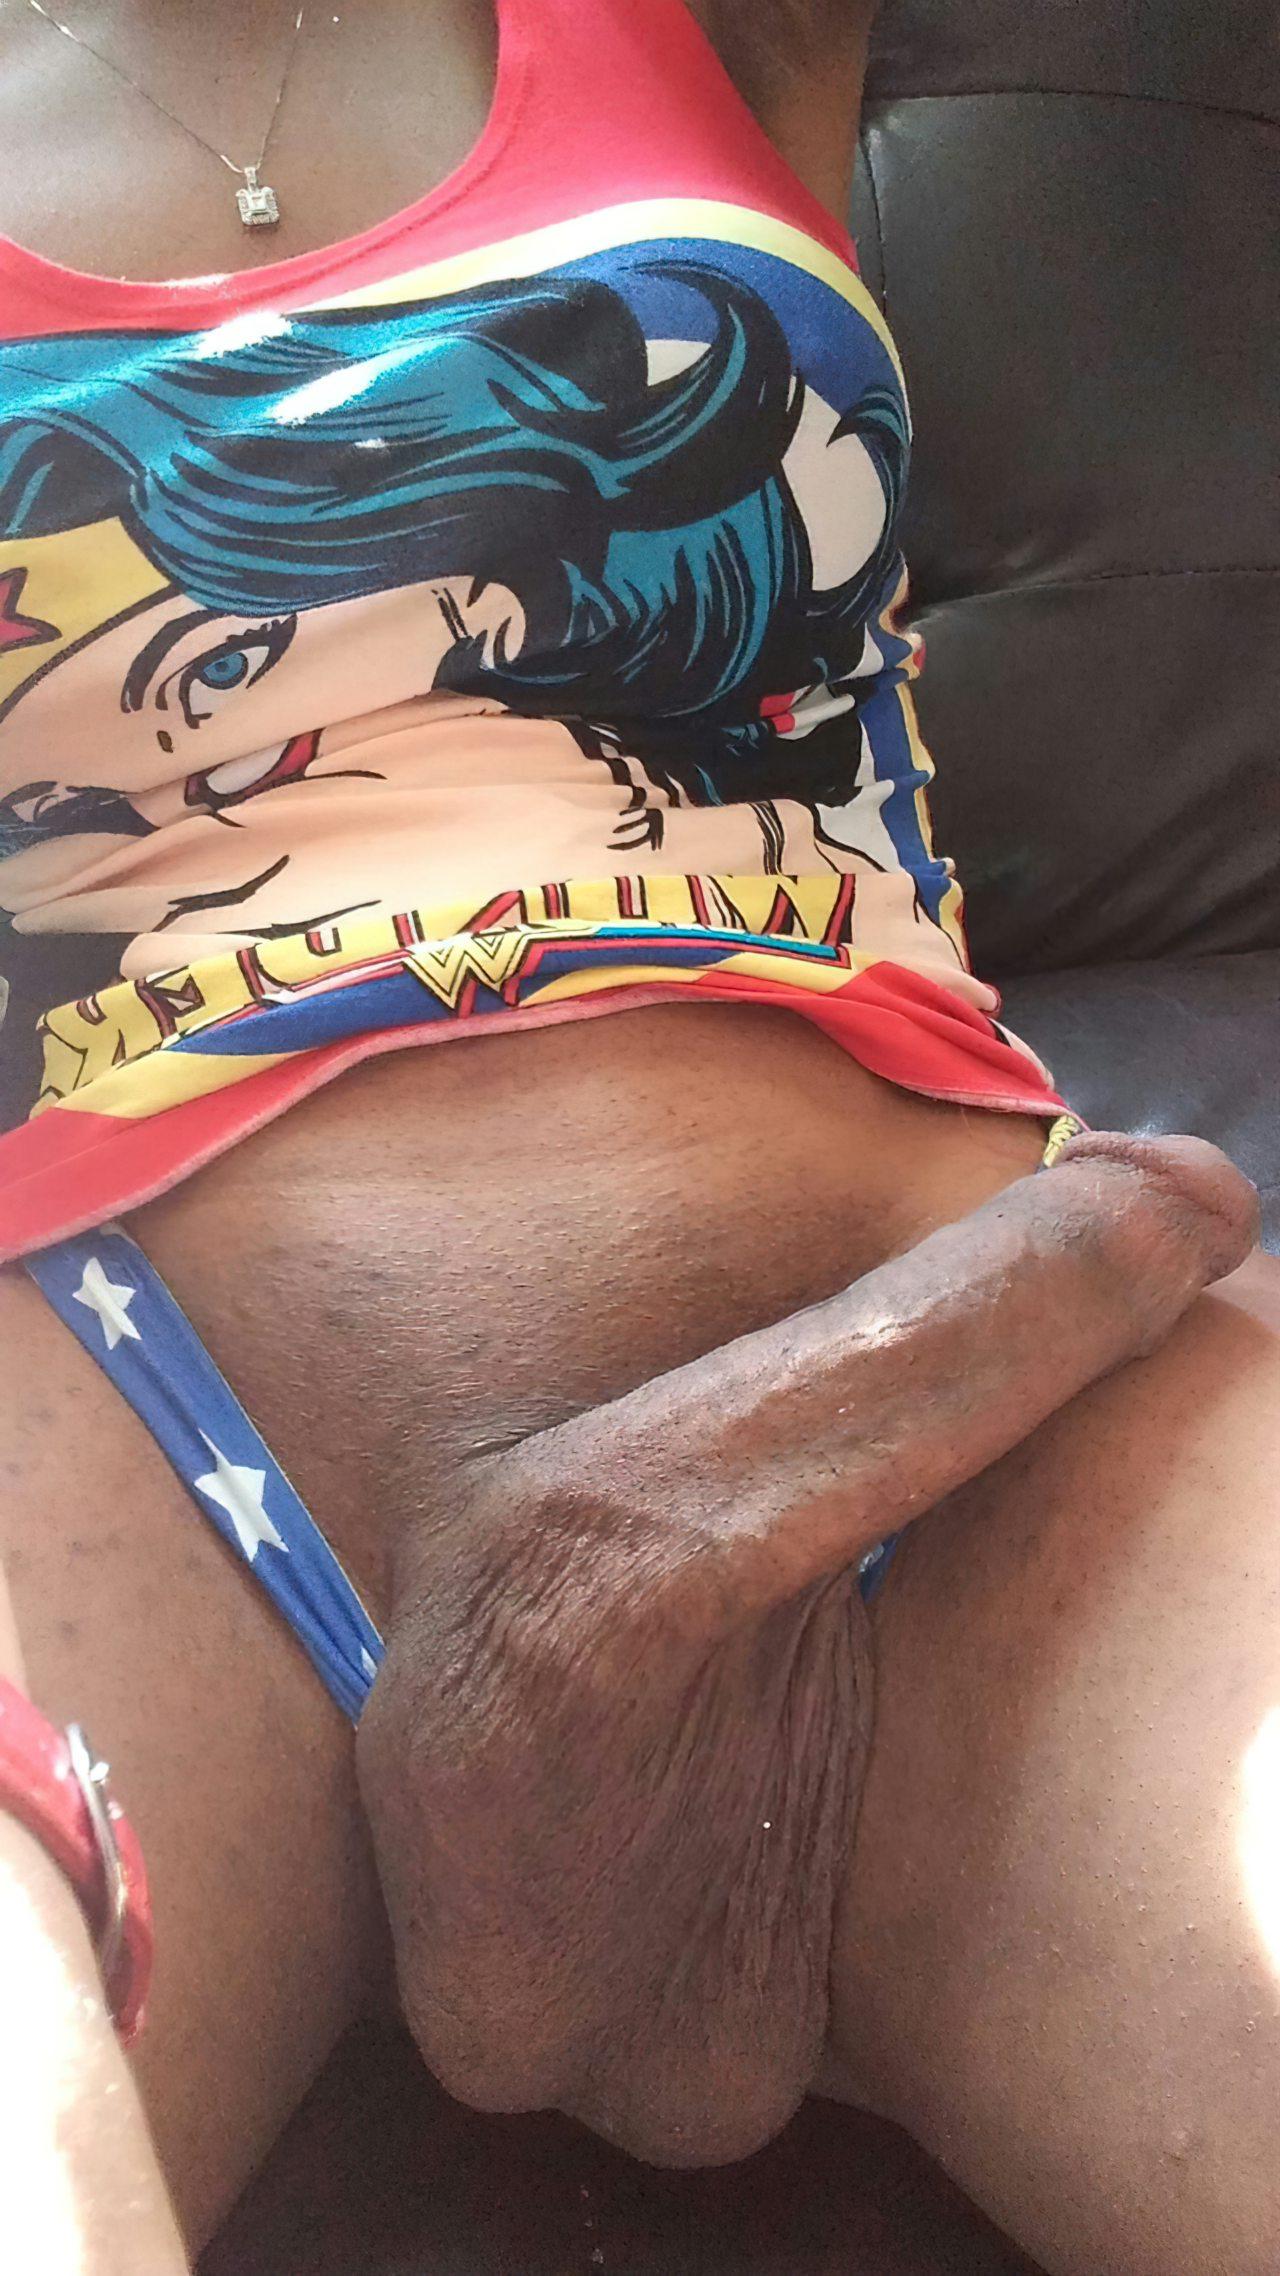 Fotos de Travestis Nuas (2)